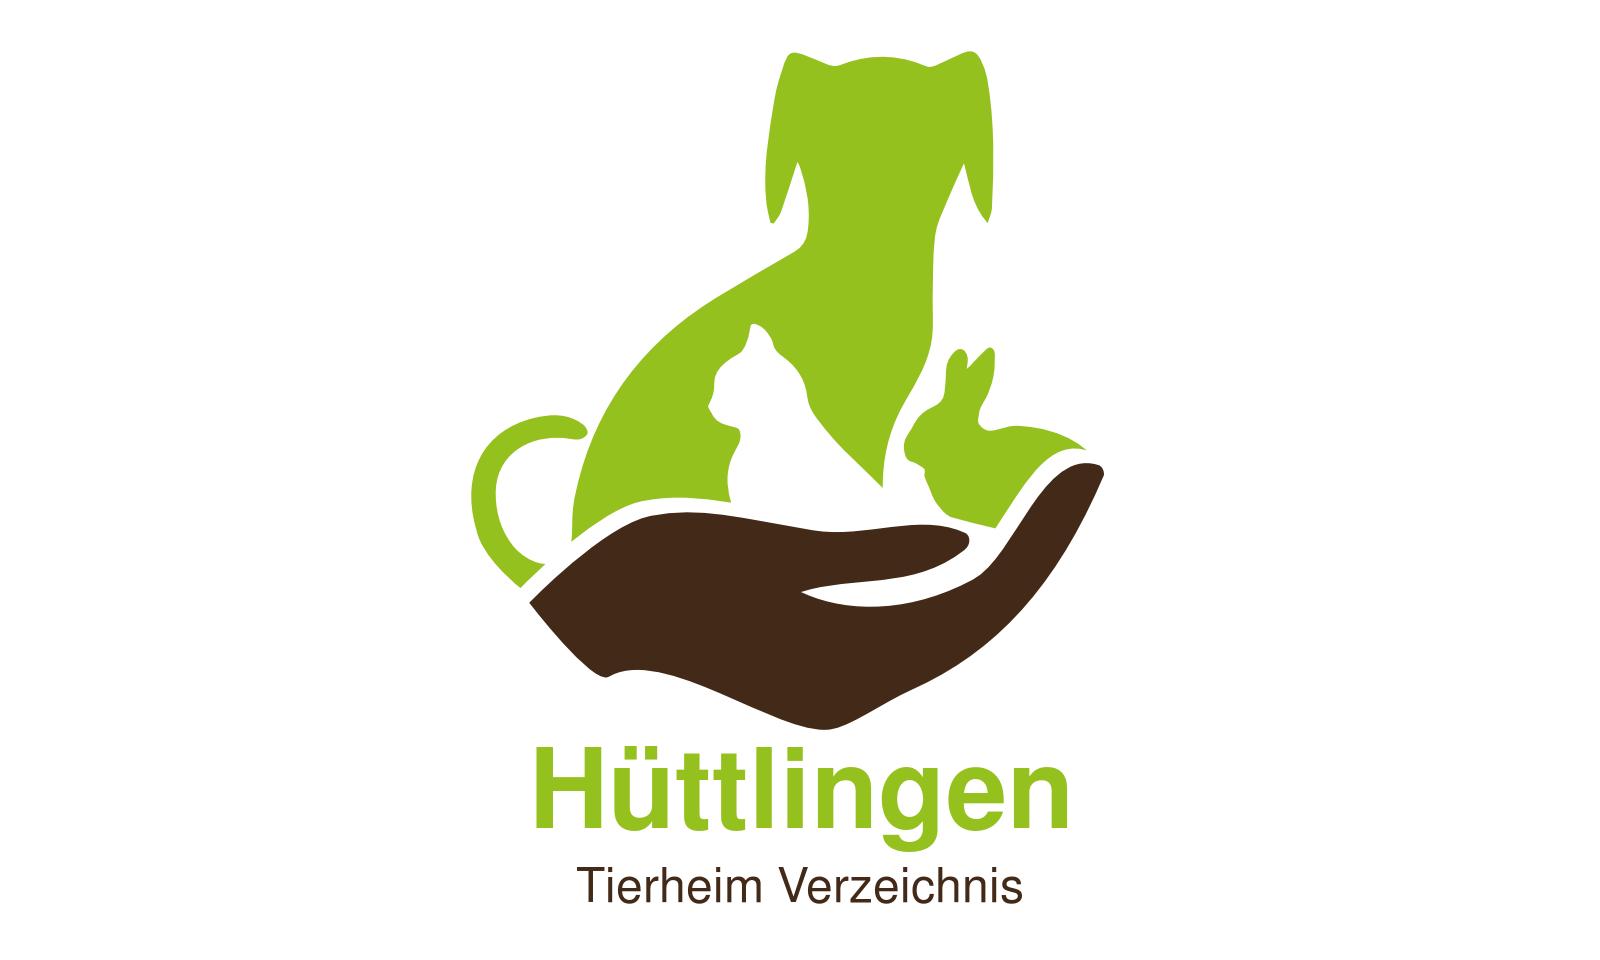 Tierheim Hüttlingen